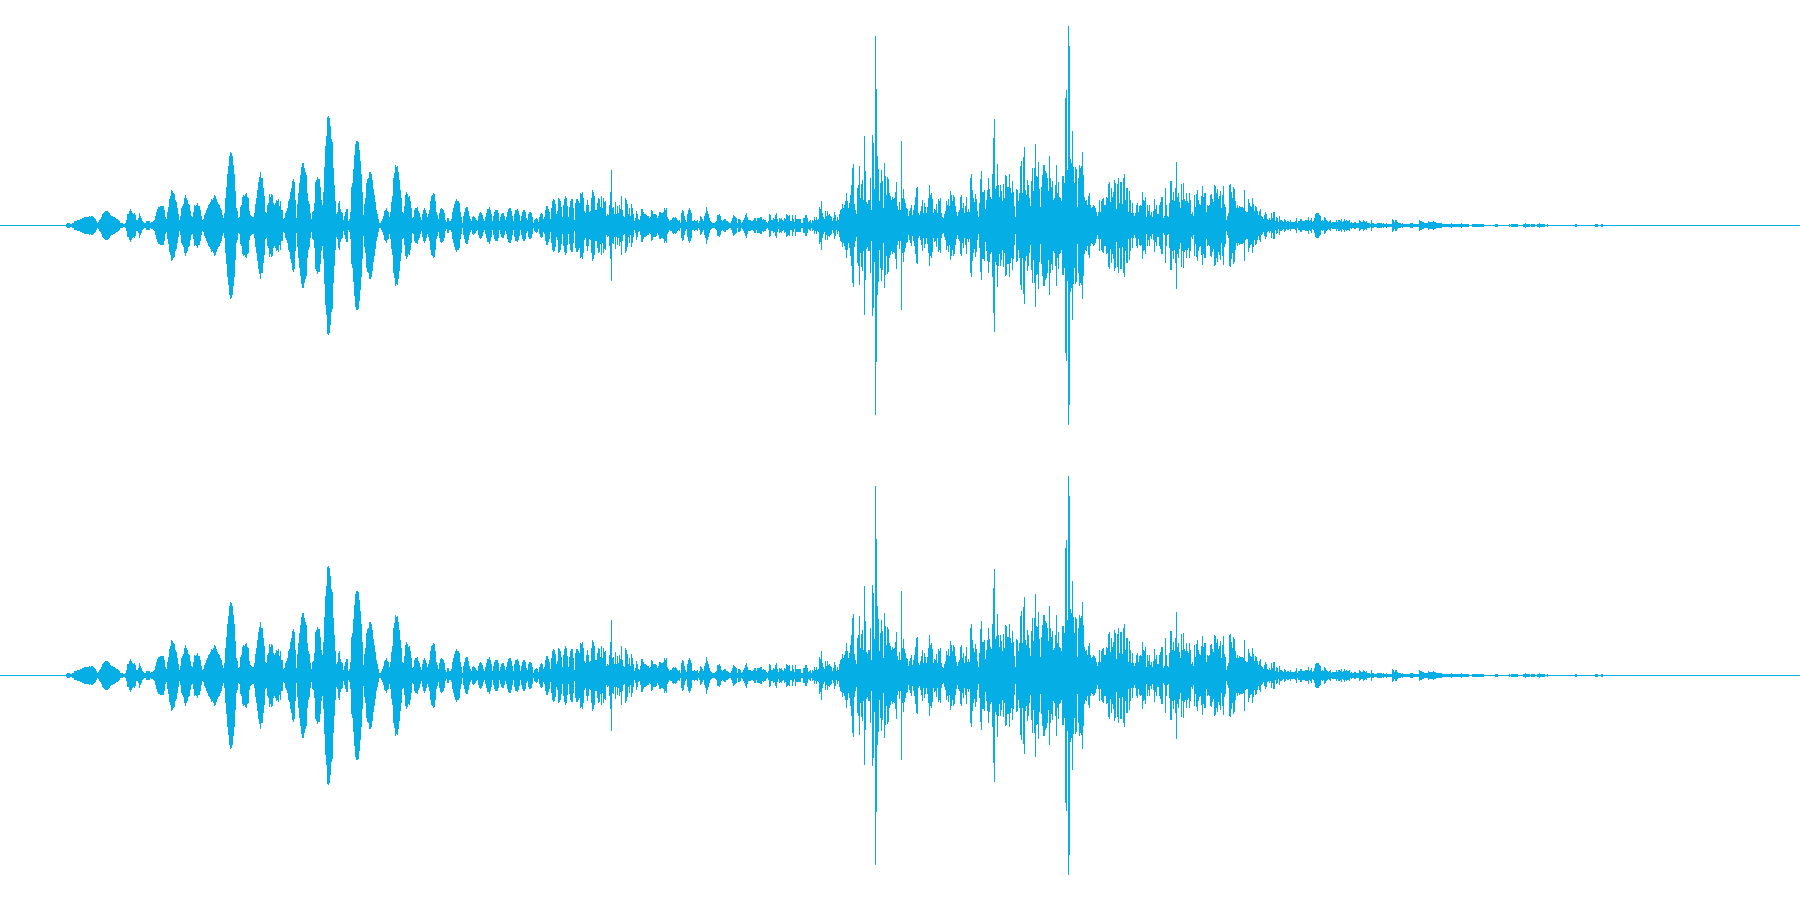 【ポワ、ポチャ】リアルな泡、水滴音06!の再生済みの波形